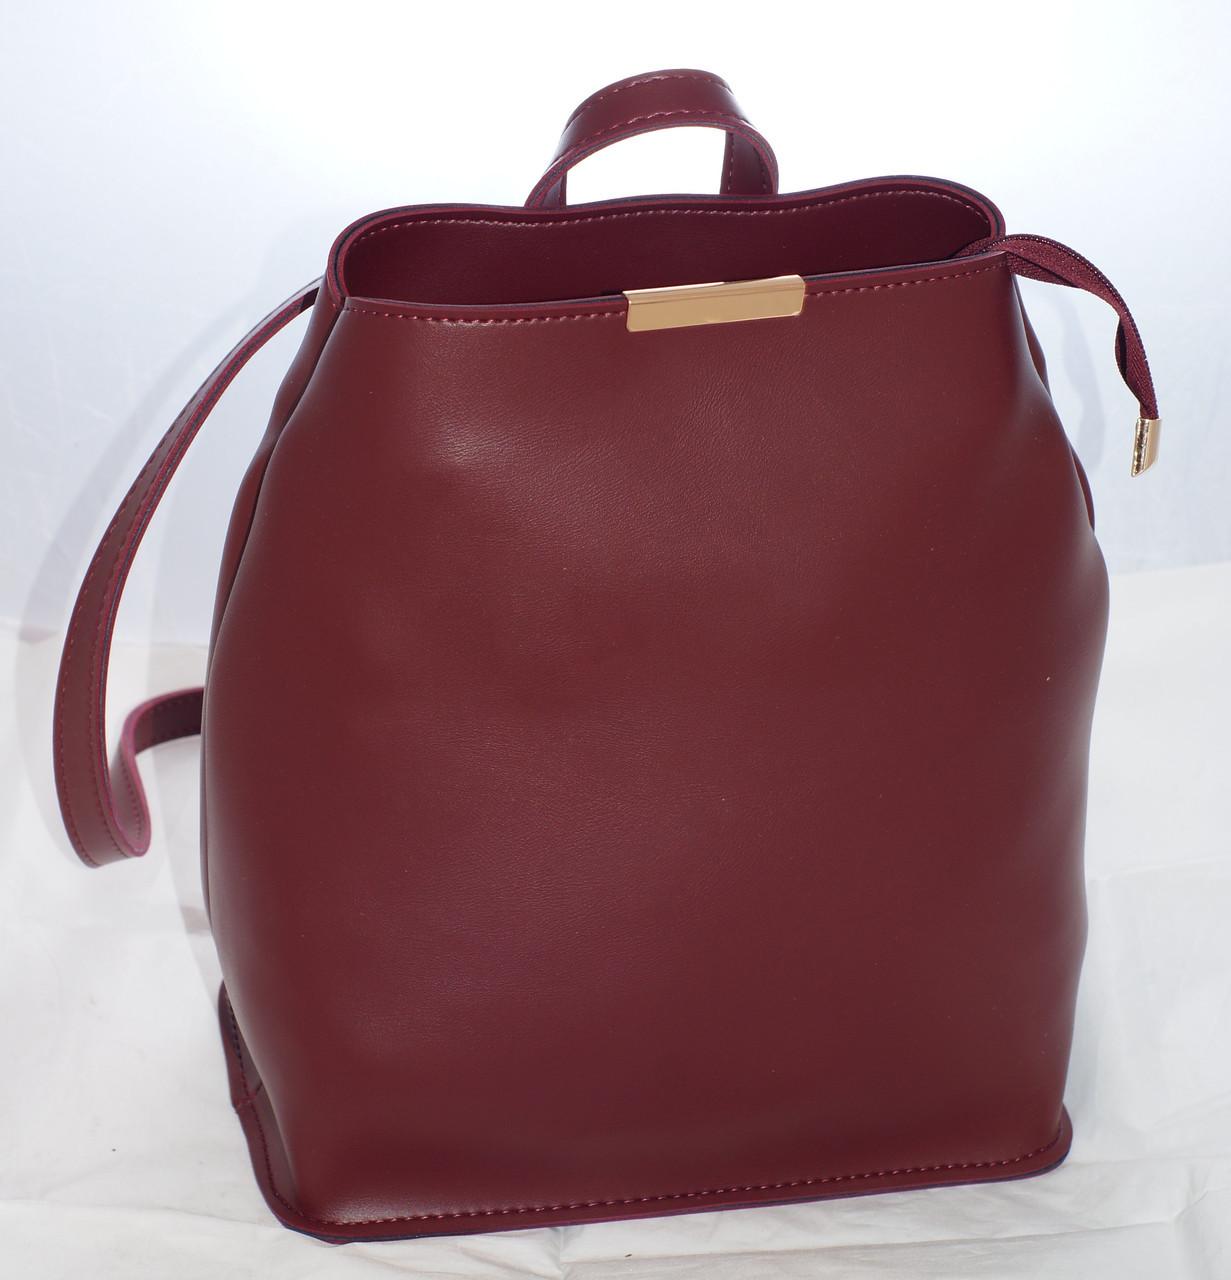 a5b945991fd6 Женская сумка-рюкзак, бордовая - Интернет-магазин